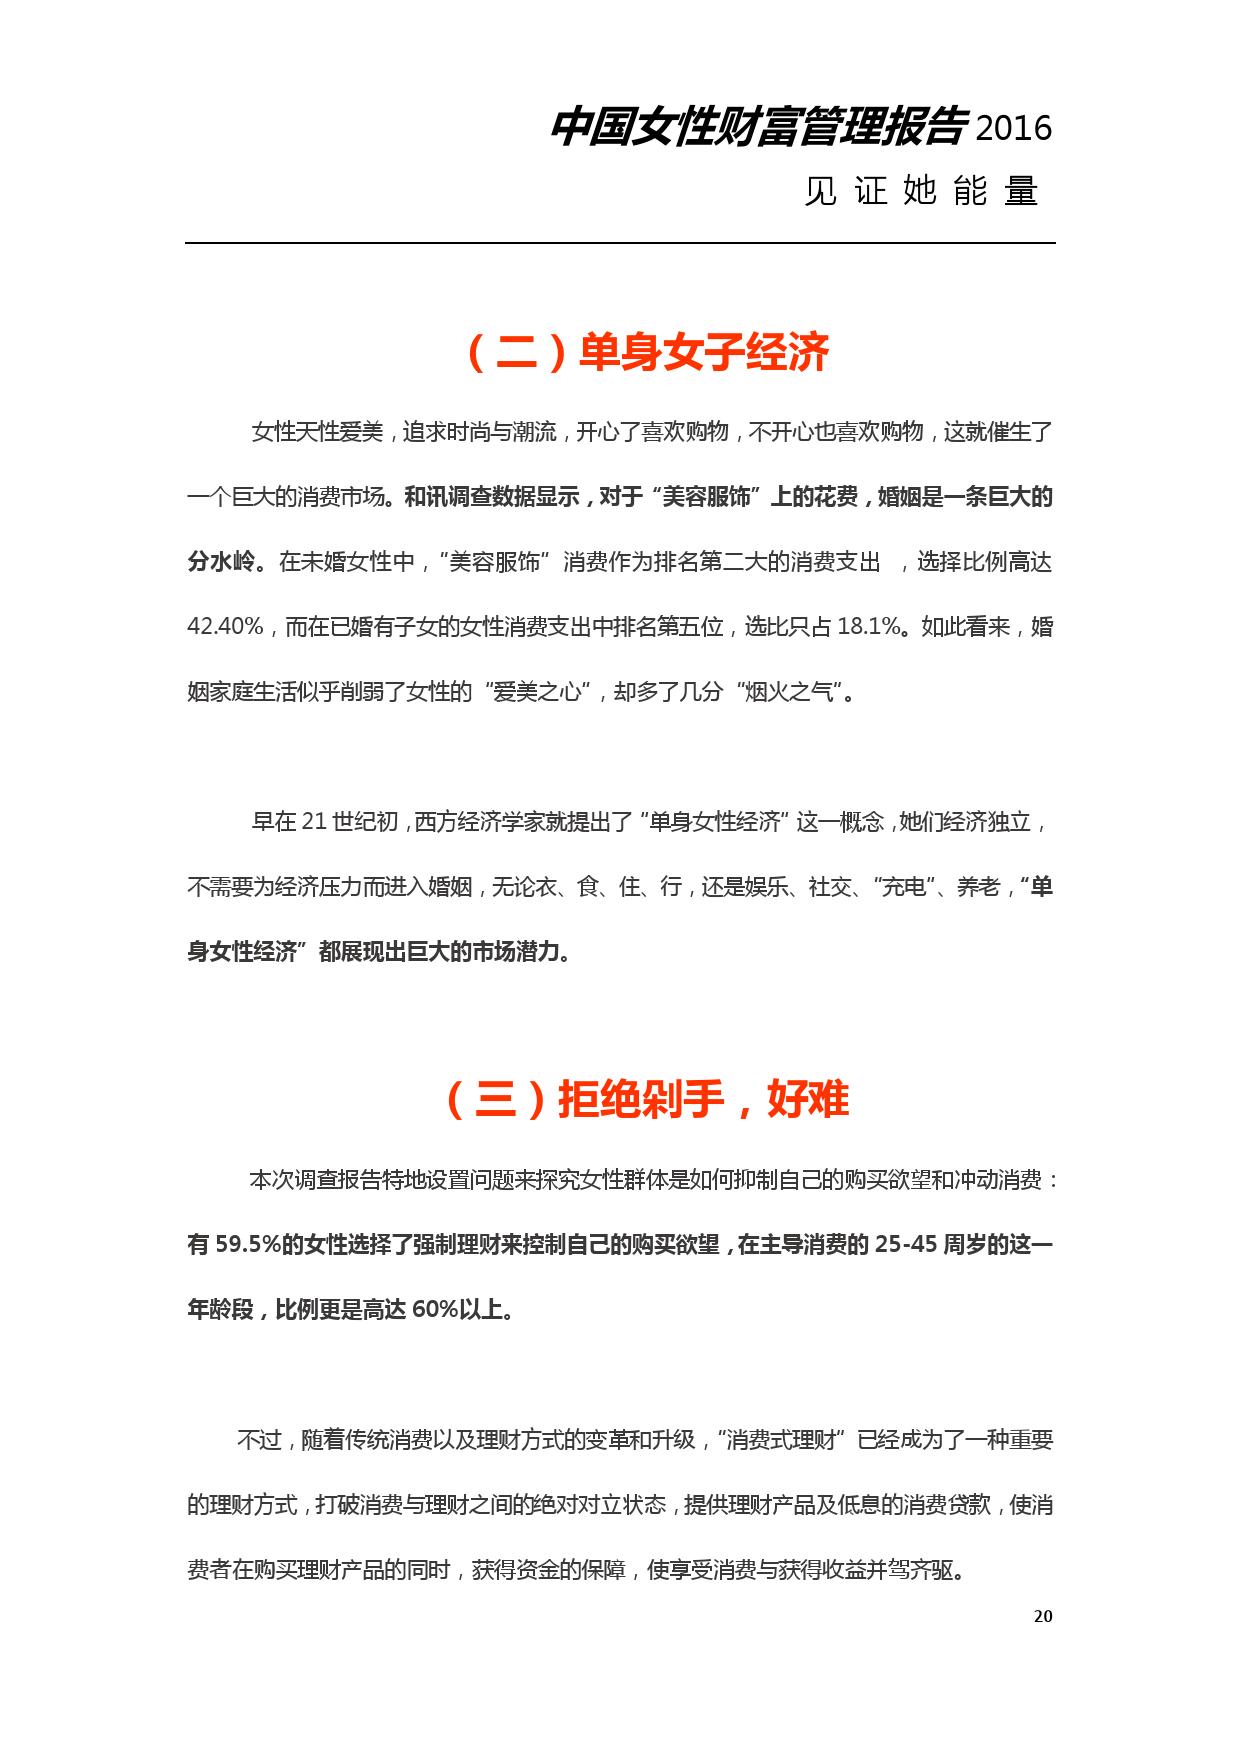 2016年中国女性财富管理报告_000020